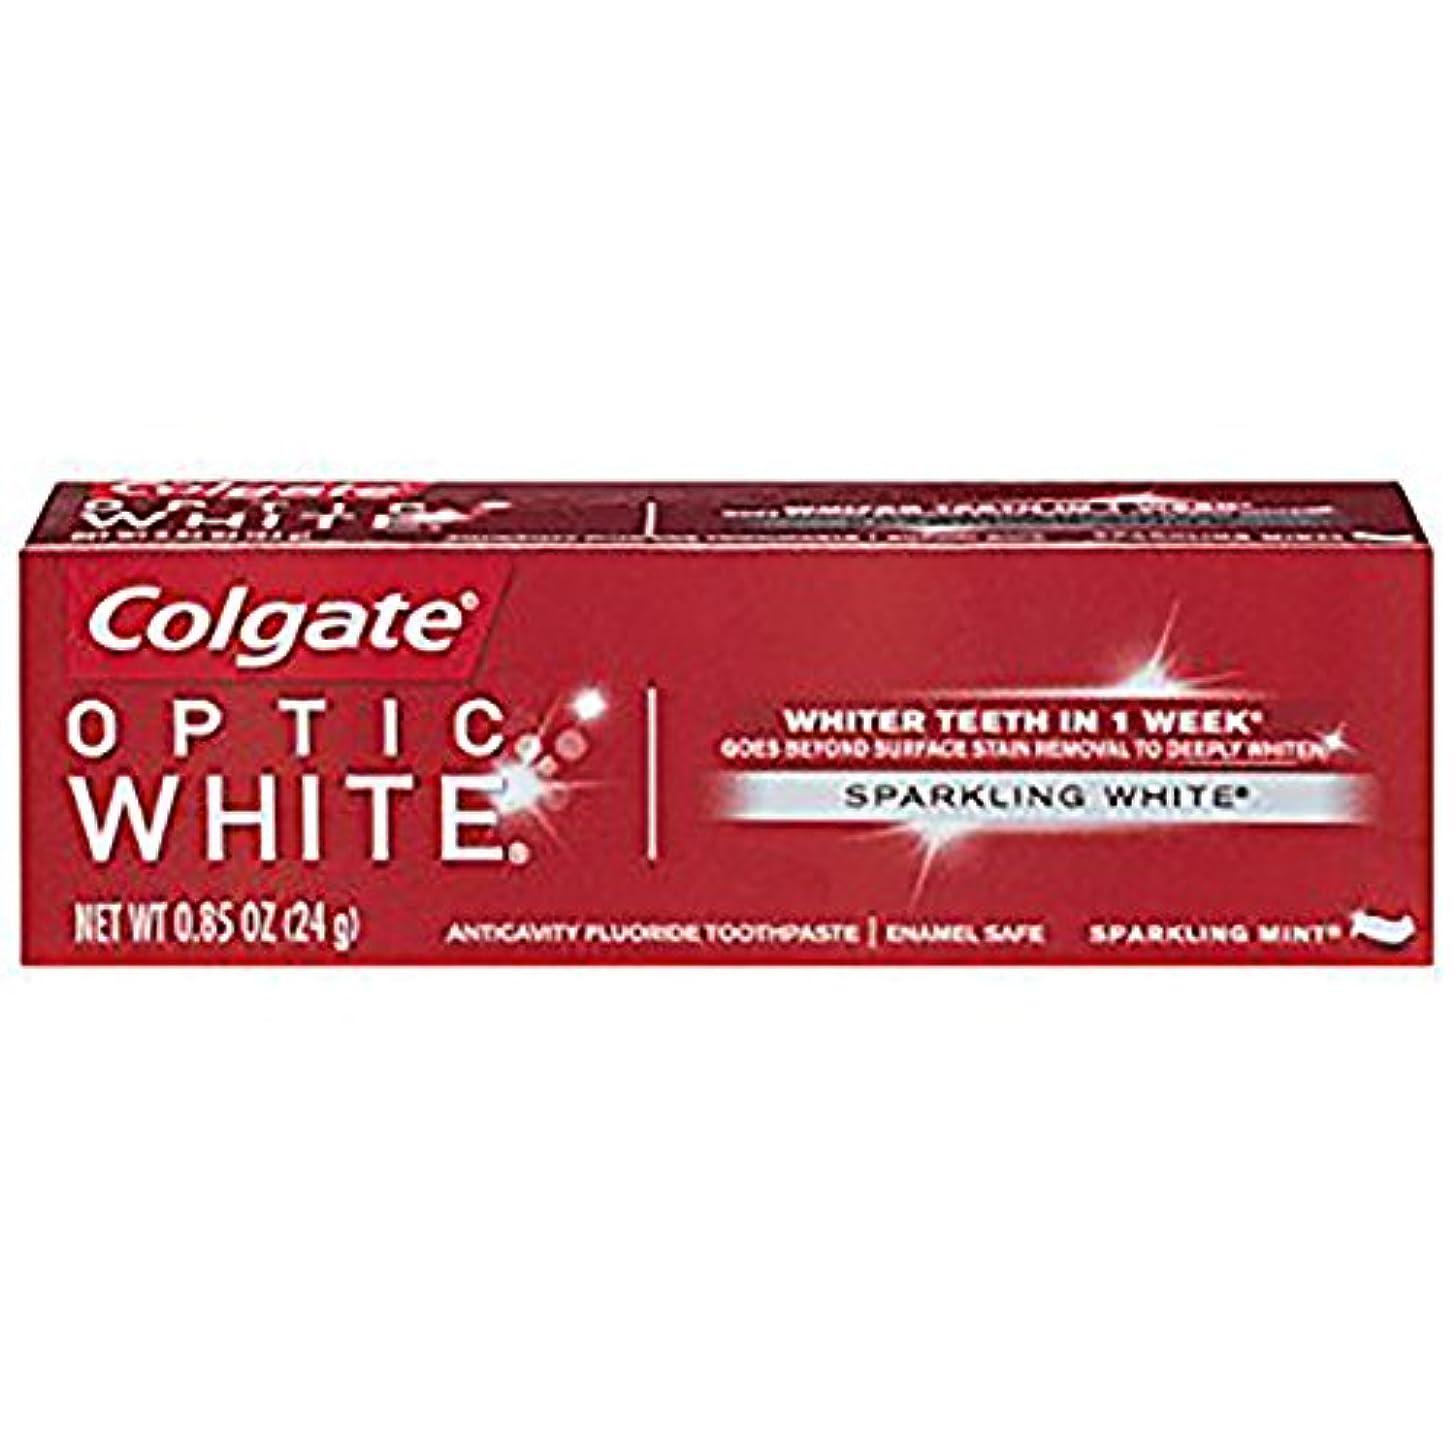 暗殺者前投薬驚かすコルゲート ホワイトニング Colgate 24g Optic White Sparkling White 白い歯 歯磨き粉 ミント